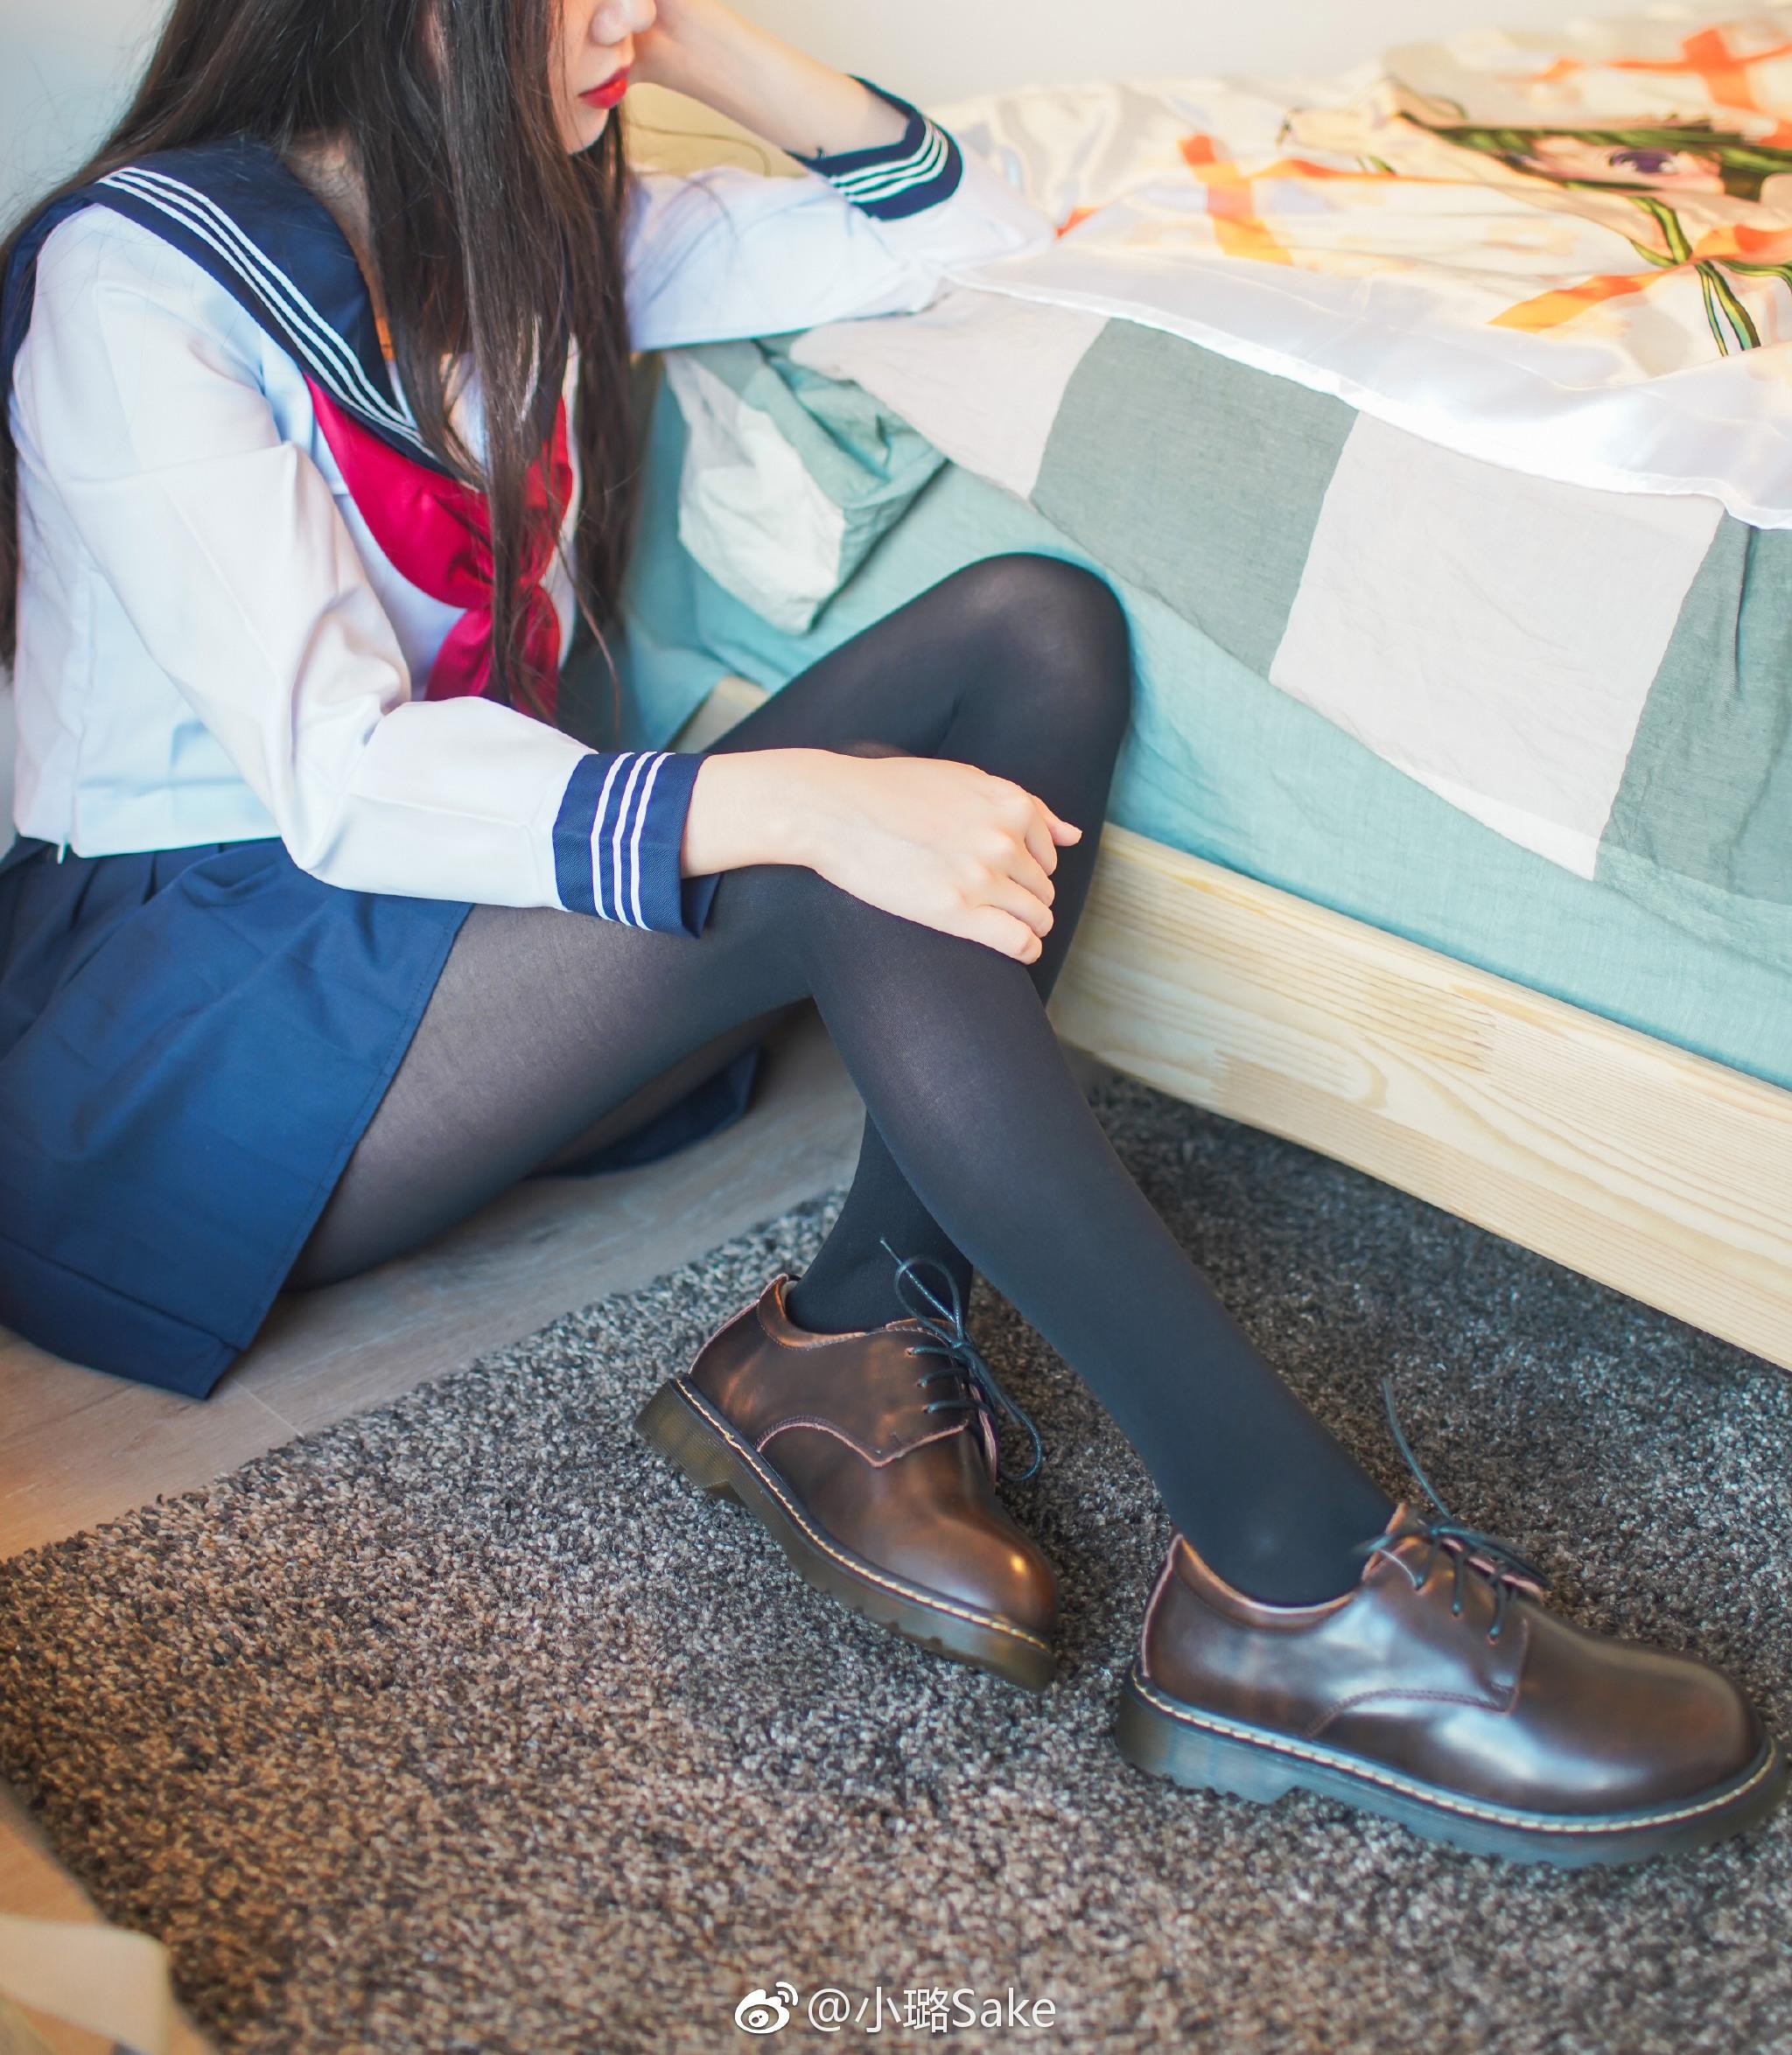 萌妹子的jk制服写真,这黑丝太骚了(9P)